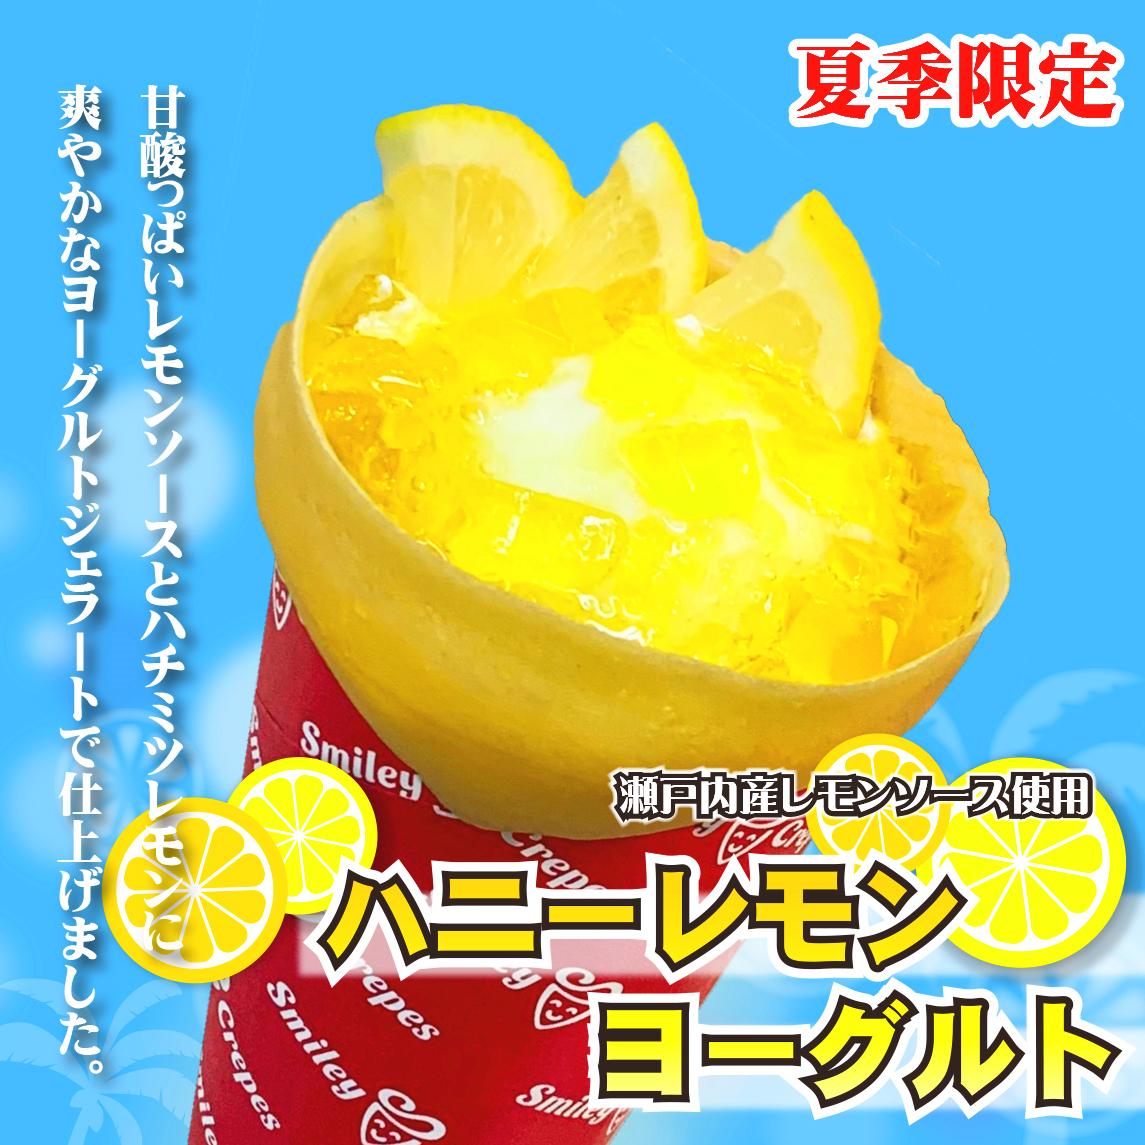 スマイリークレープ「ハニーレモンヨーグルト」